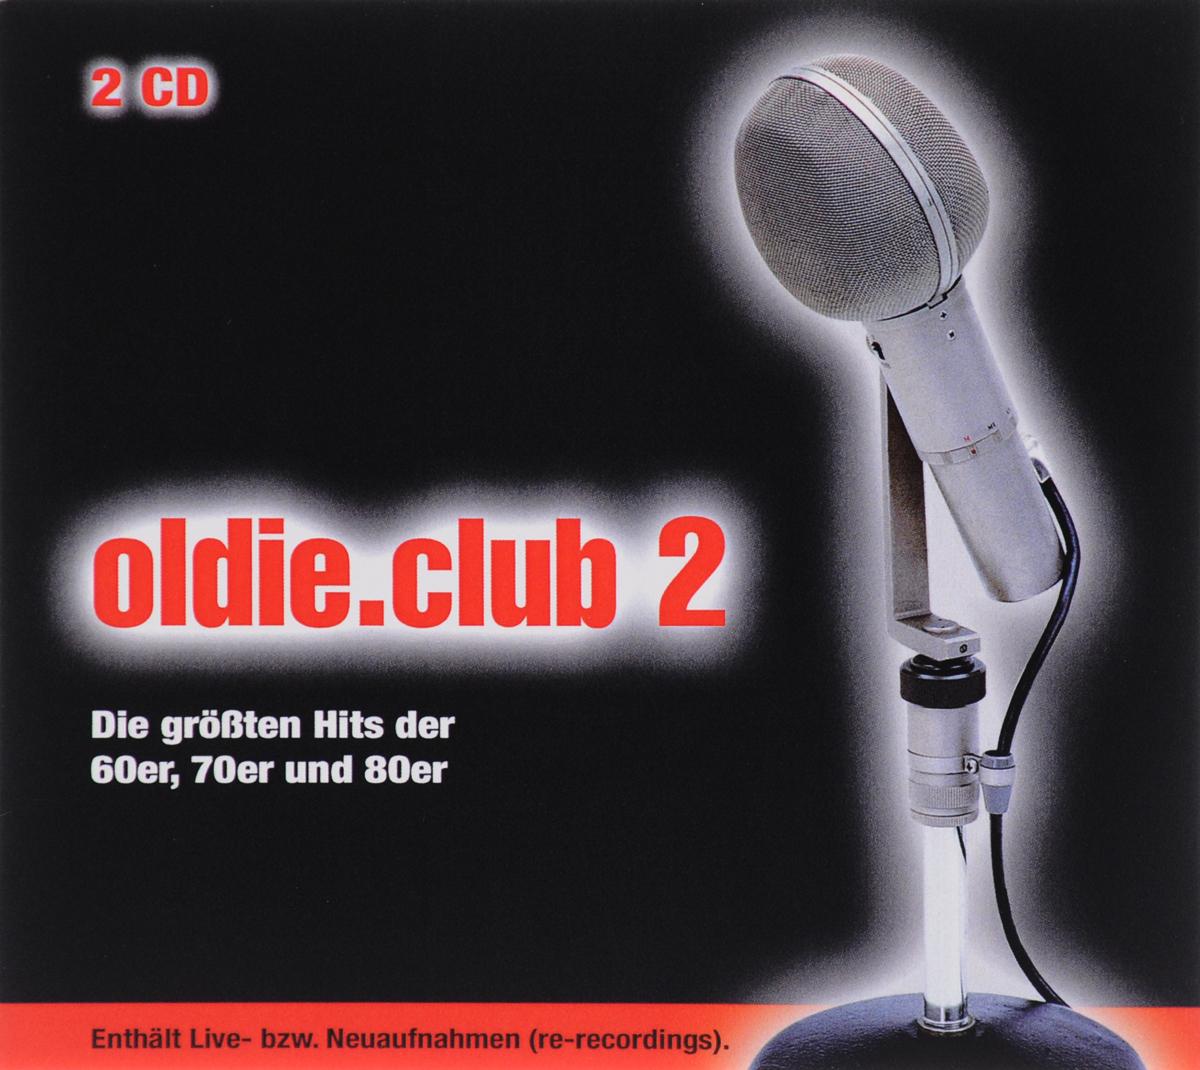 Oldie.Club 2. Die Grossten Hits Der 60er, 70er Und 80er (2 CD)